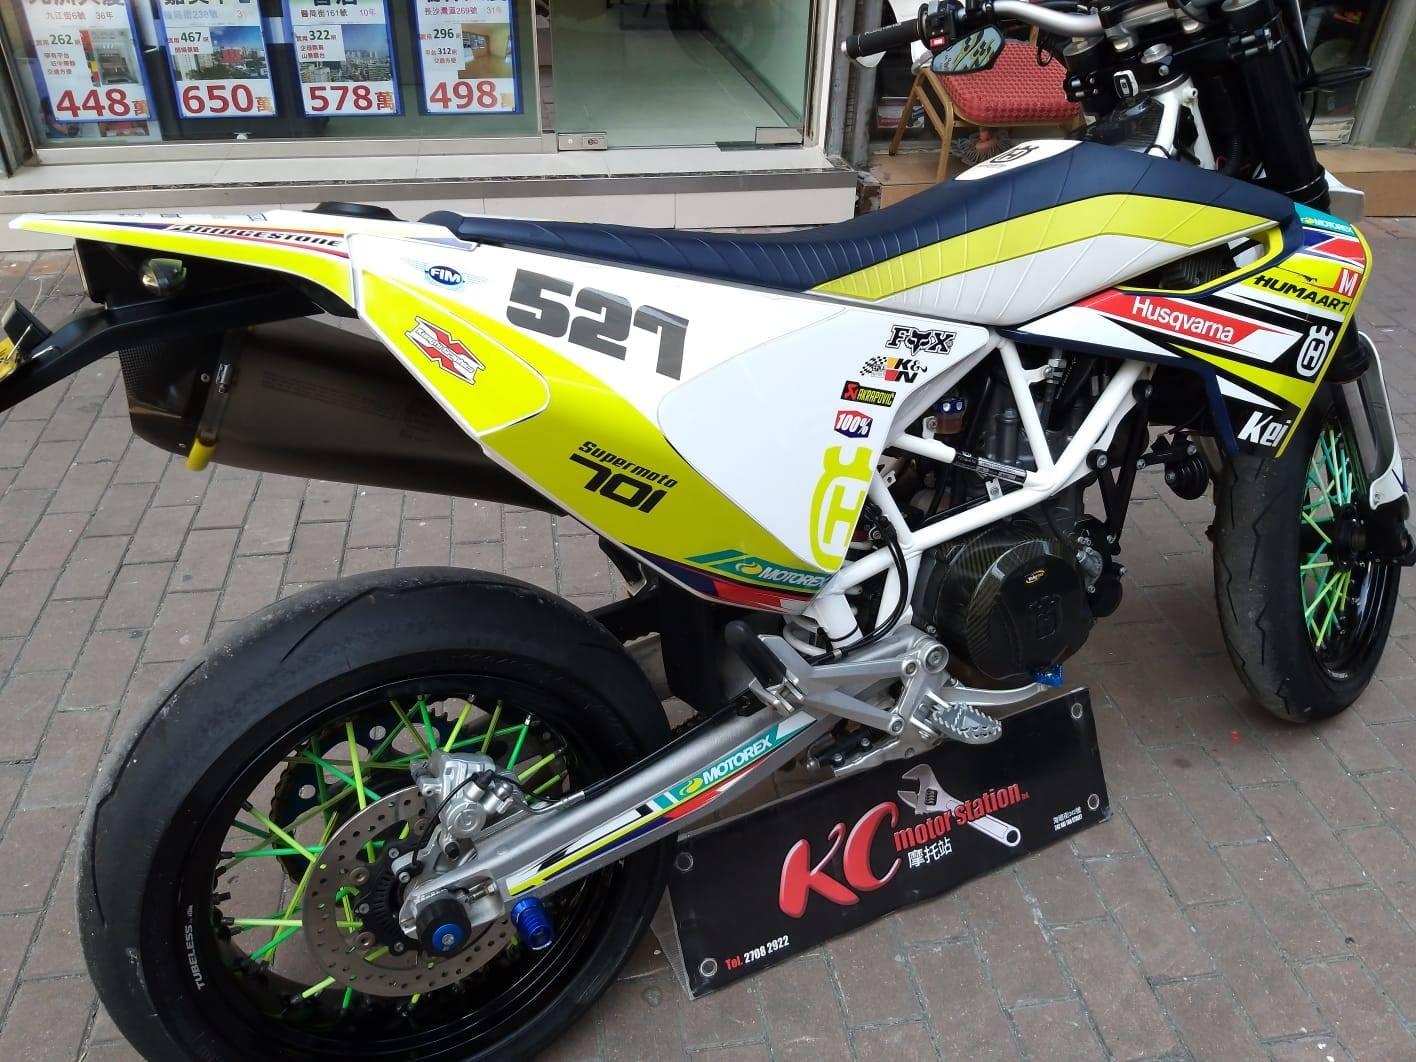 HUSQVARNA 701 SUPERMOTO 二手車 2016年 - 「Webike摩托車市」